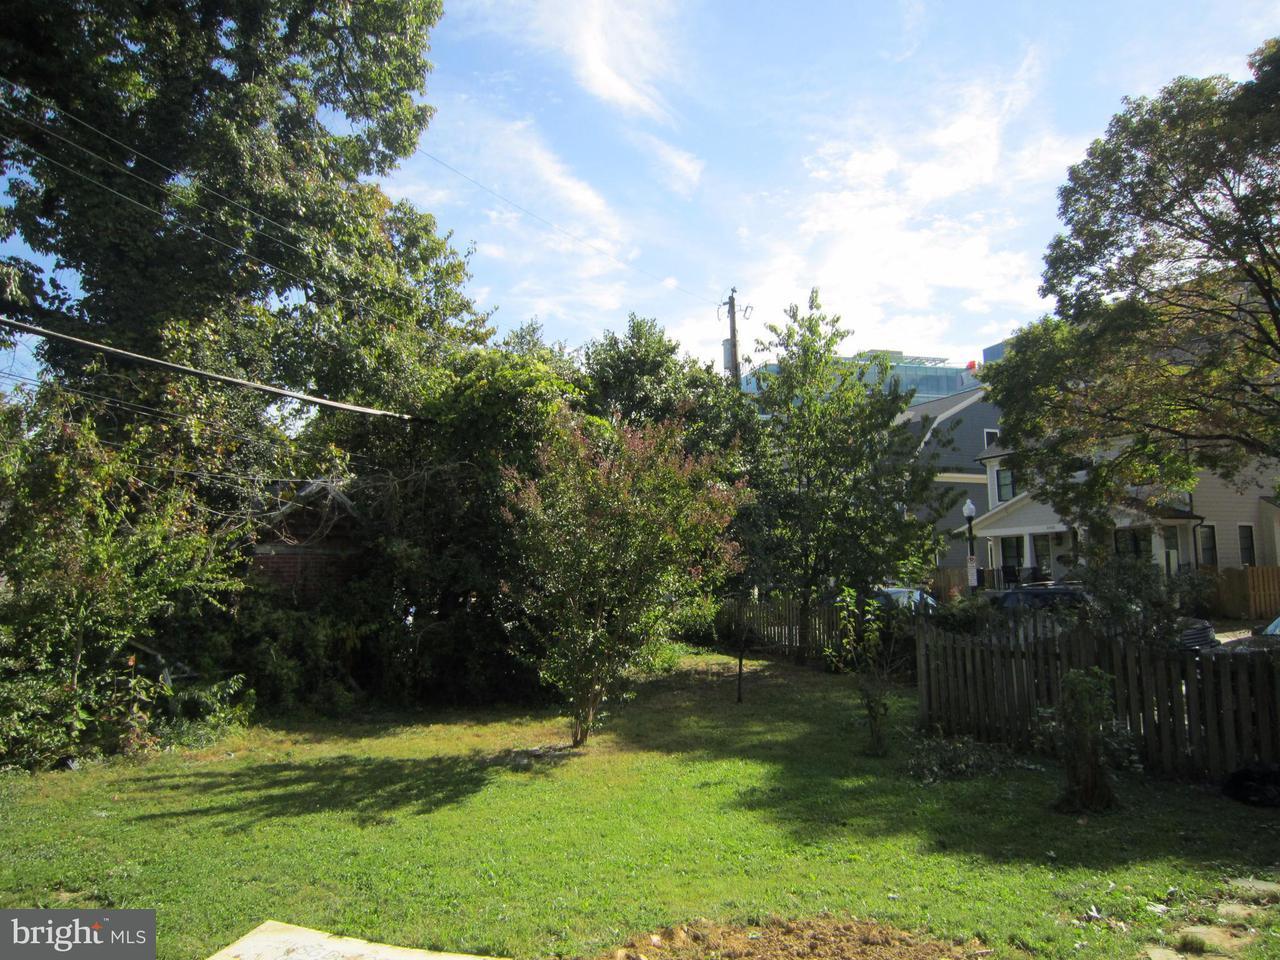 土地 のために 売買 アット 2421 16TH ST N 2421 16TH ST N Arlington, バージニア 22201 アメリカ合衆国